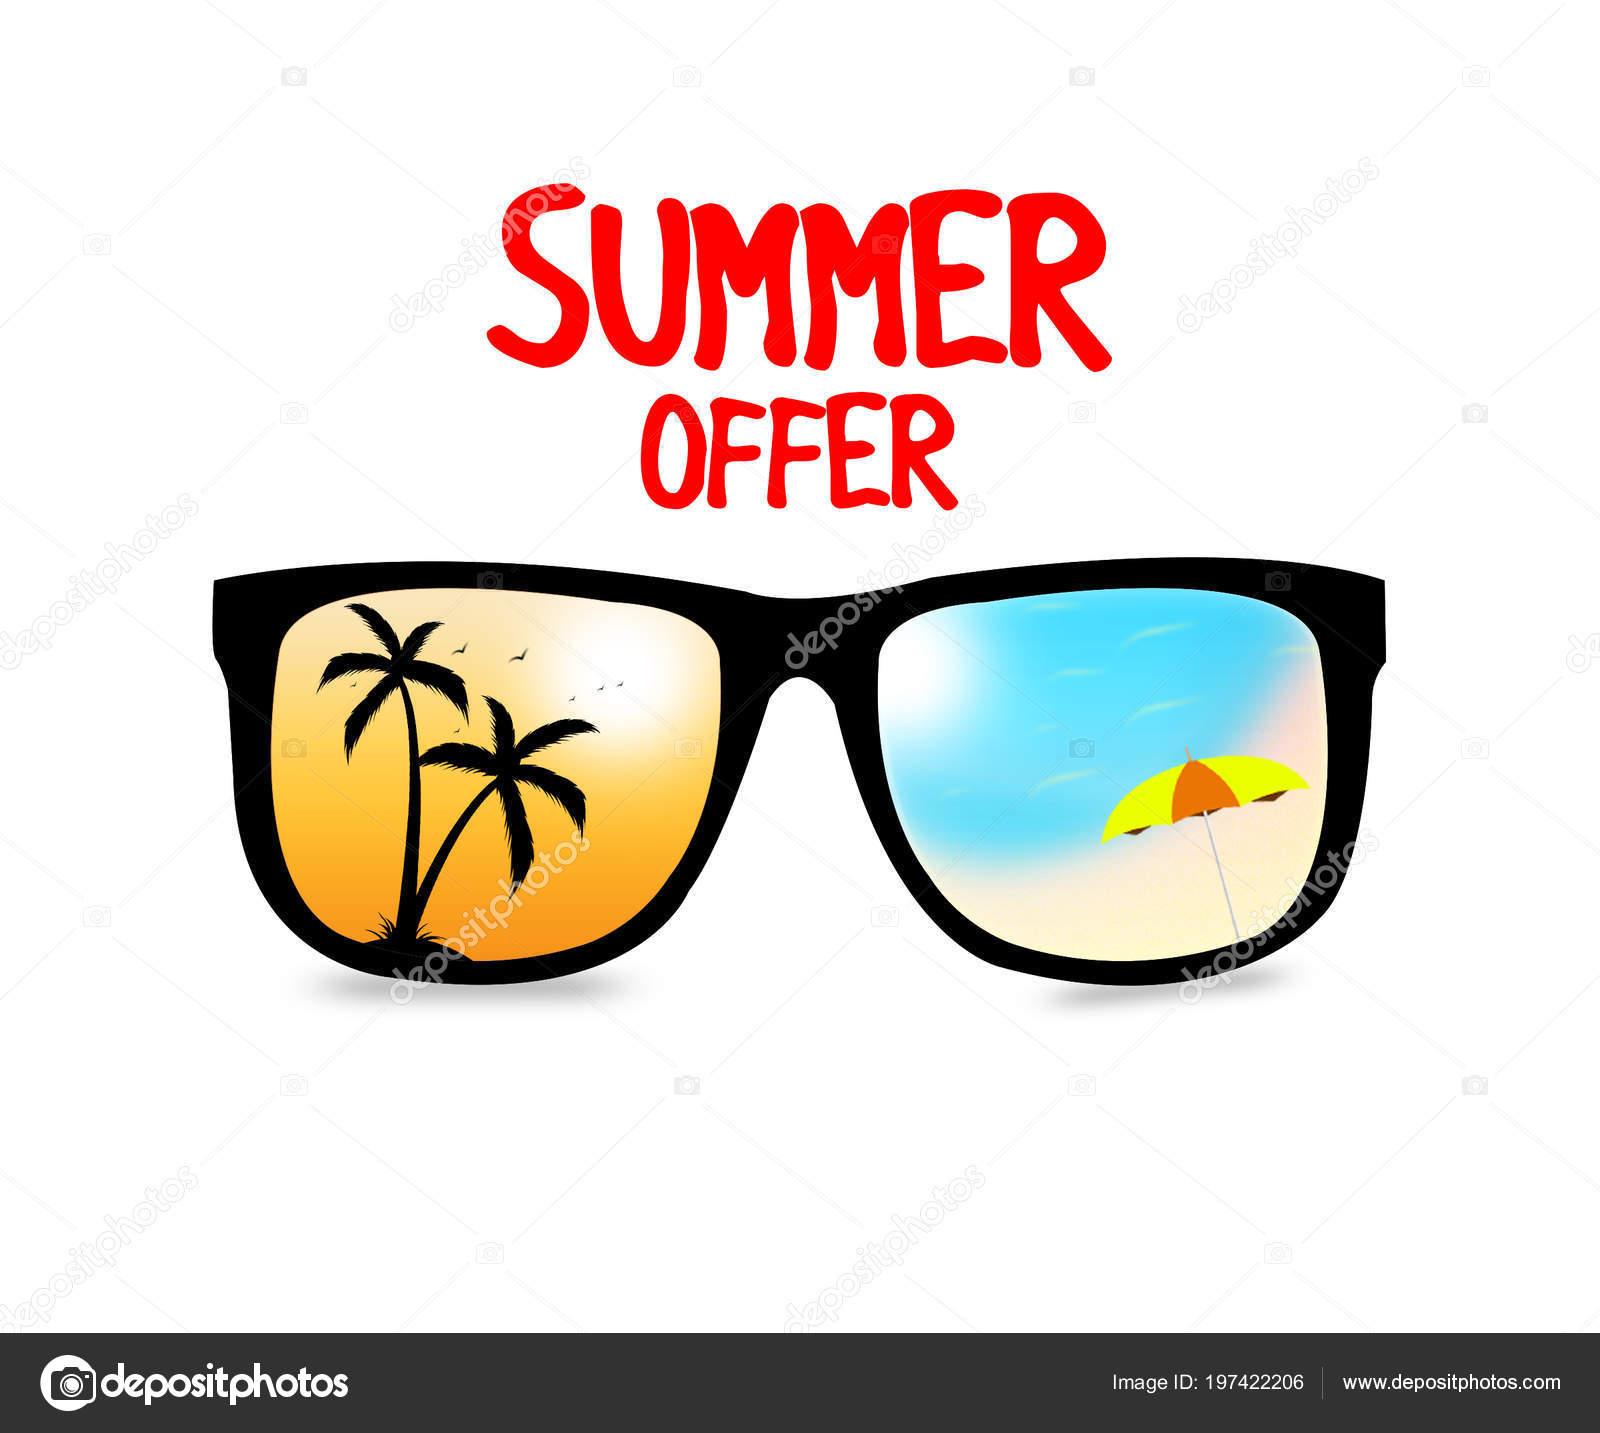 64961f329 Venda Verão Oferecem Banner Com Óculos Sol Legais Fundo Branco — Fotografia  de Stock